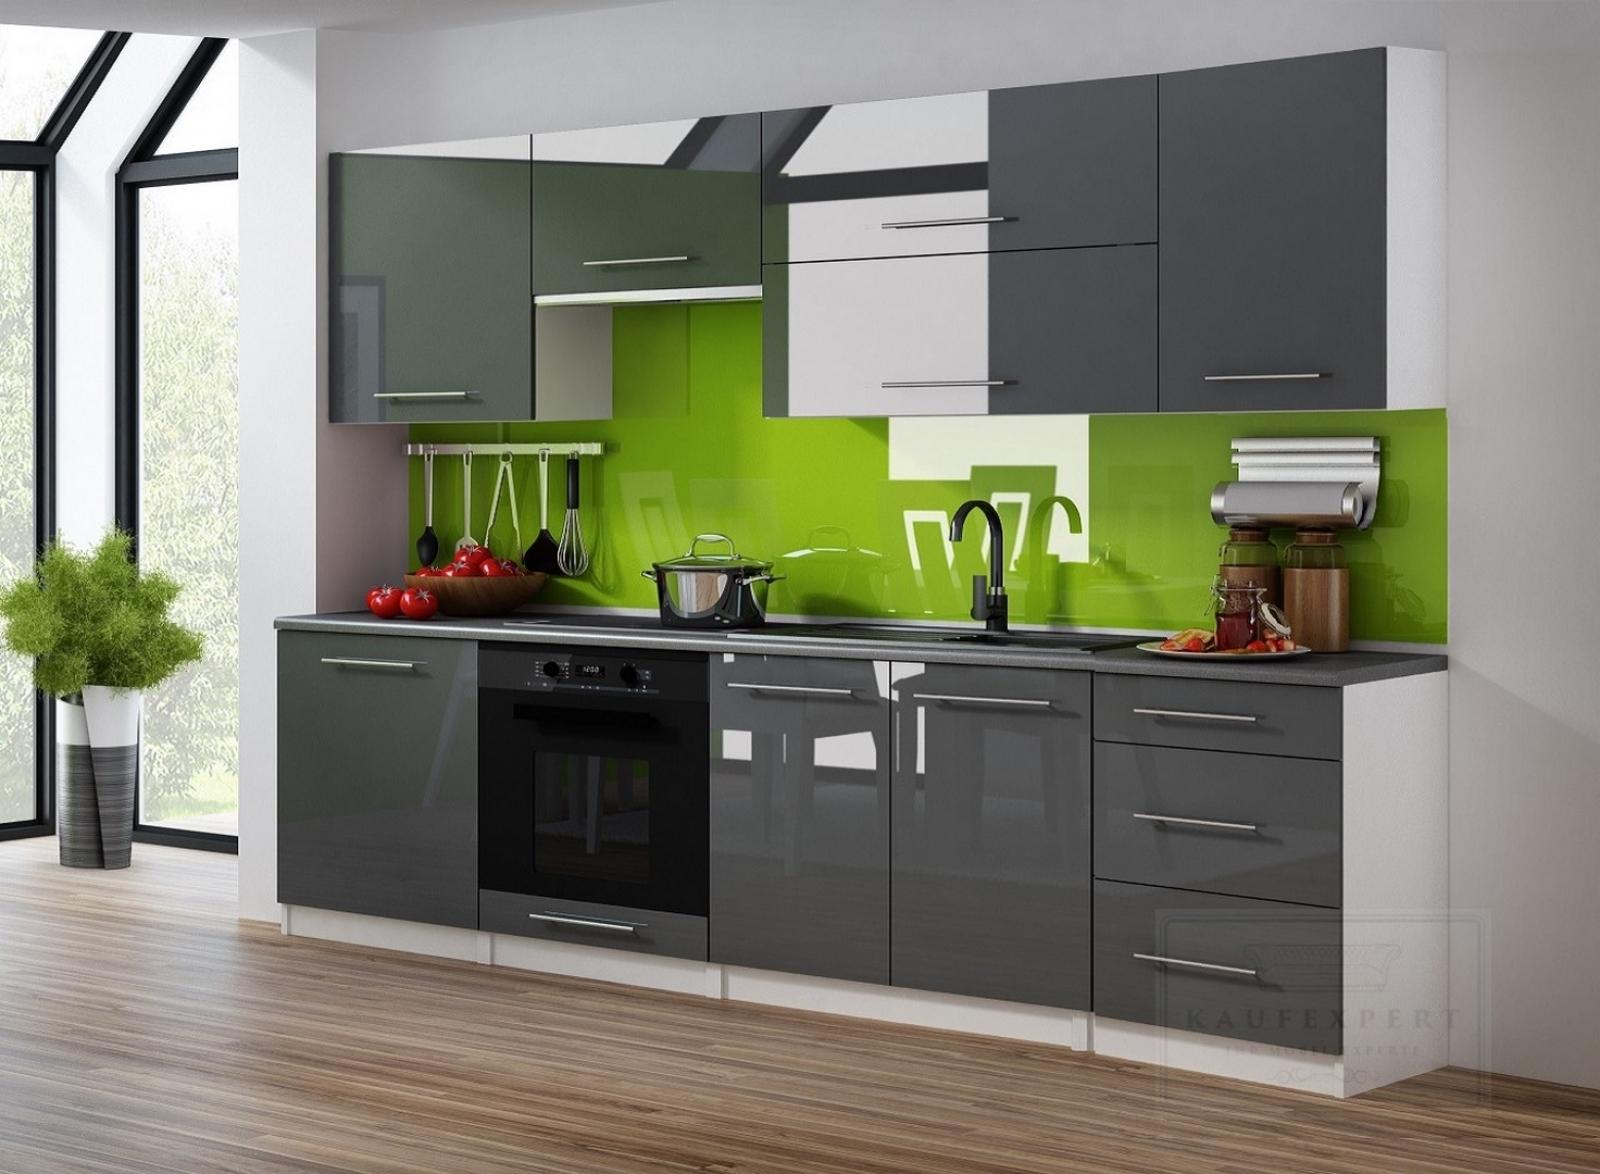 k che arbeitsplatte grau halb offene k che gestalten landhaus vakuumierer modern farbe leipzig. Black Bedroom Furniture Sets. Home Design Ideas